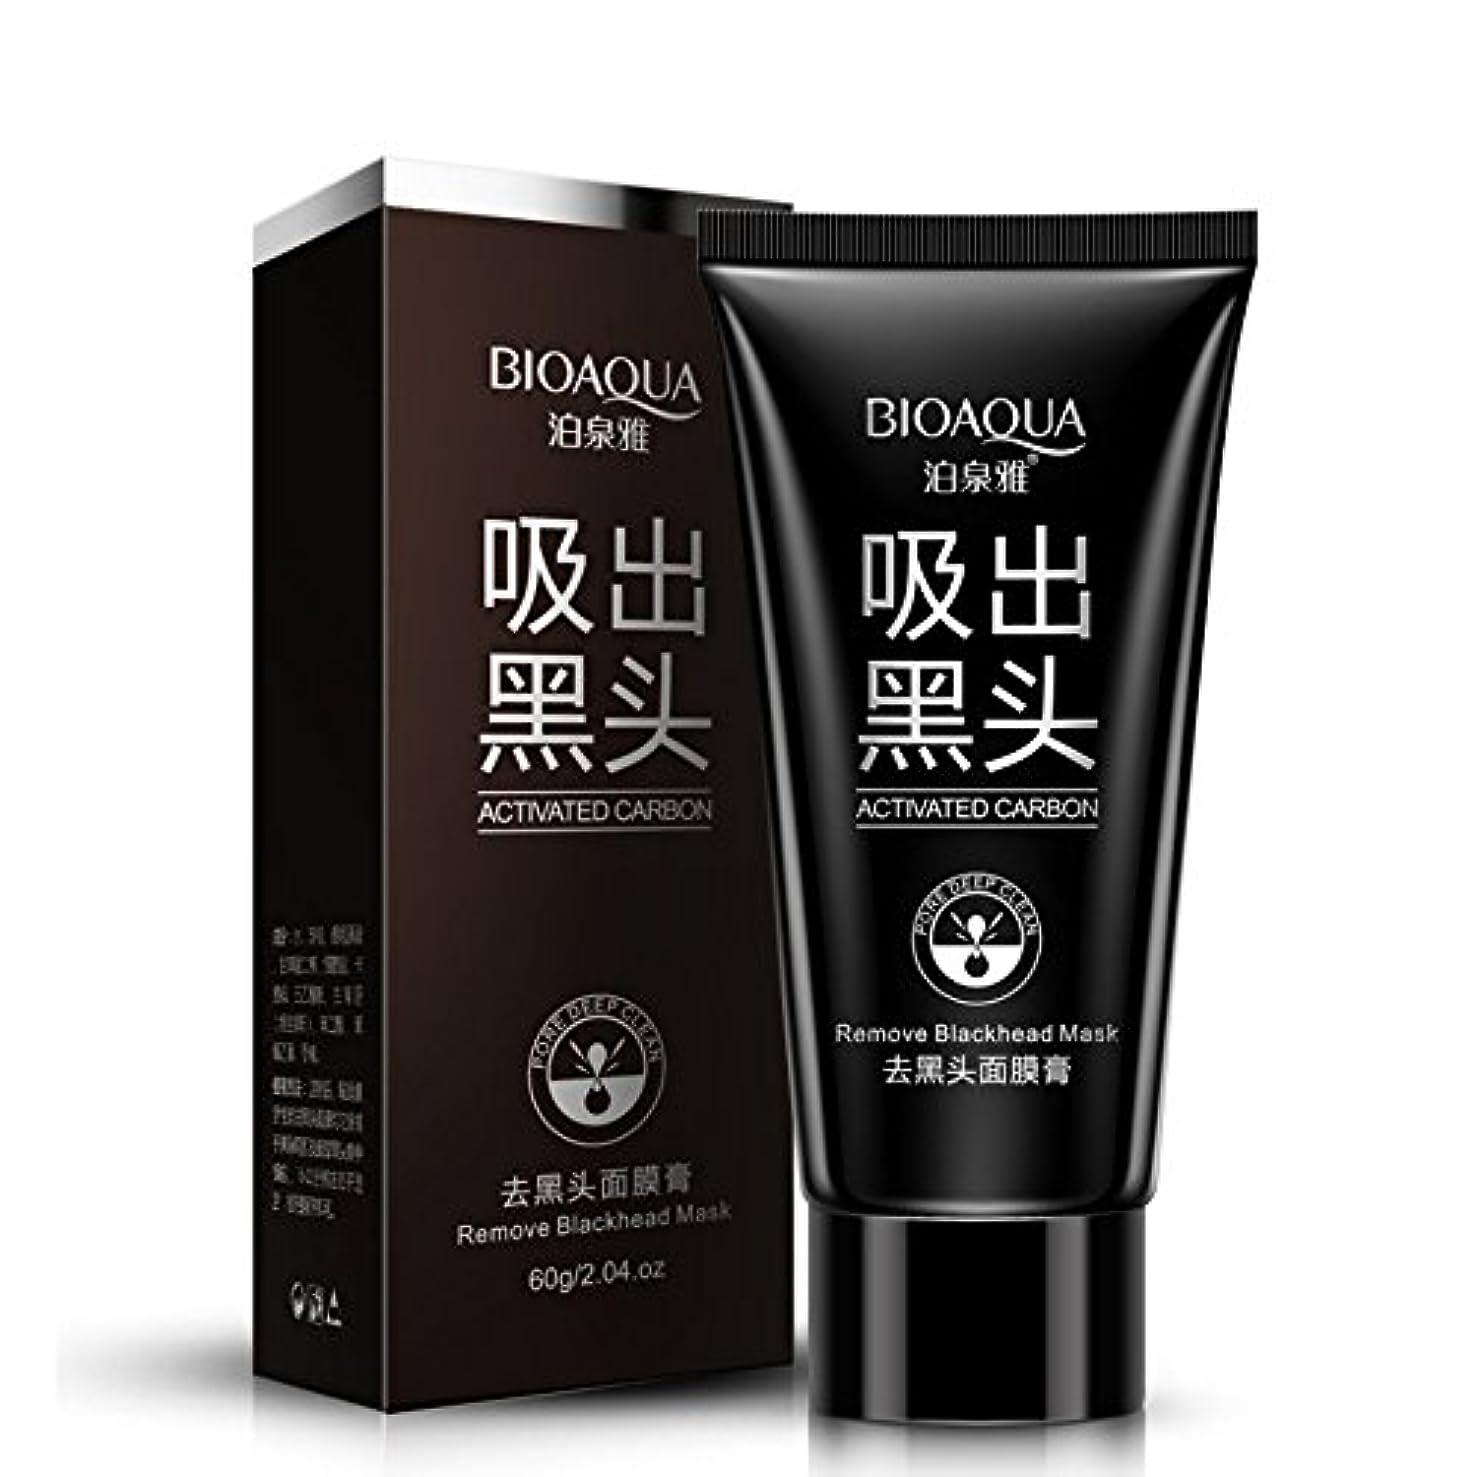 ドライ観客速度Suction Black Mask Shrink Black Head Spots Pores,Face Mask Blackhead Removal Blackheads Cosmetics Facials Moisturizing Skin Care.